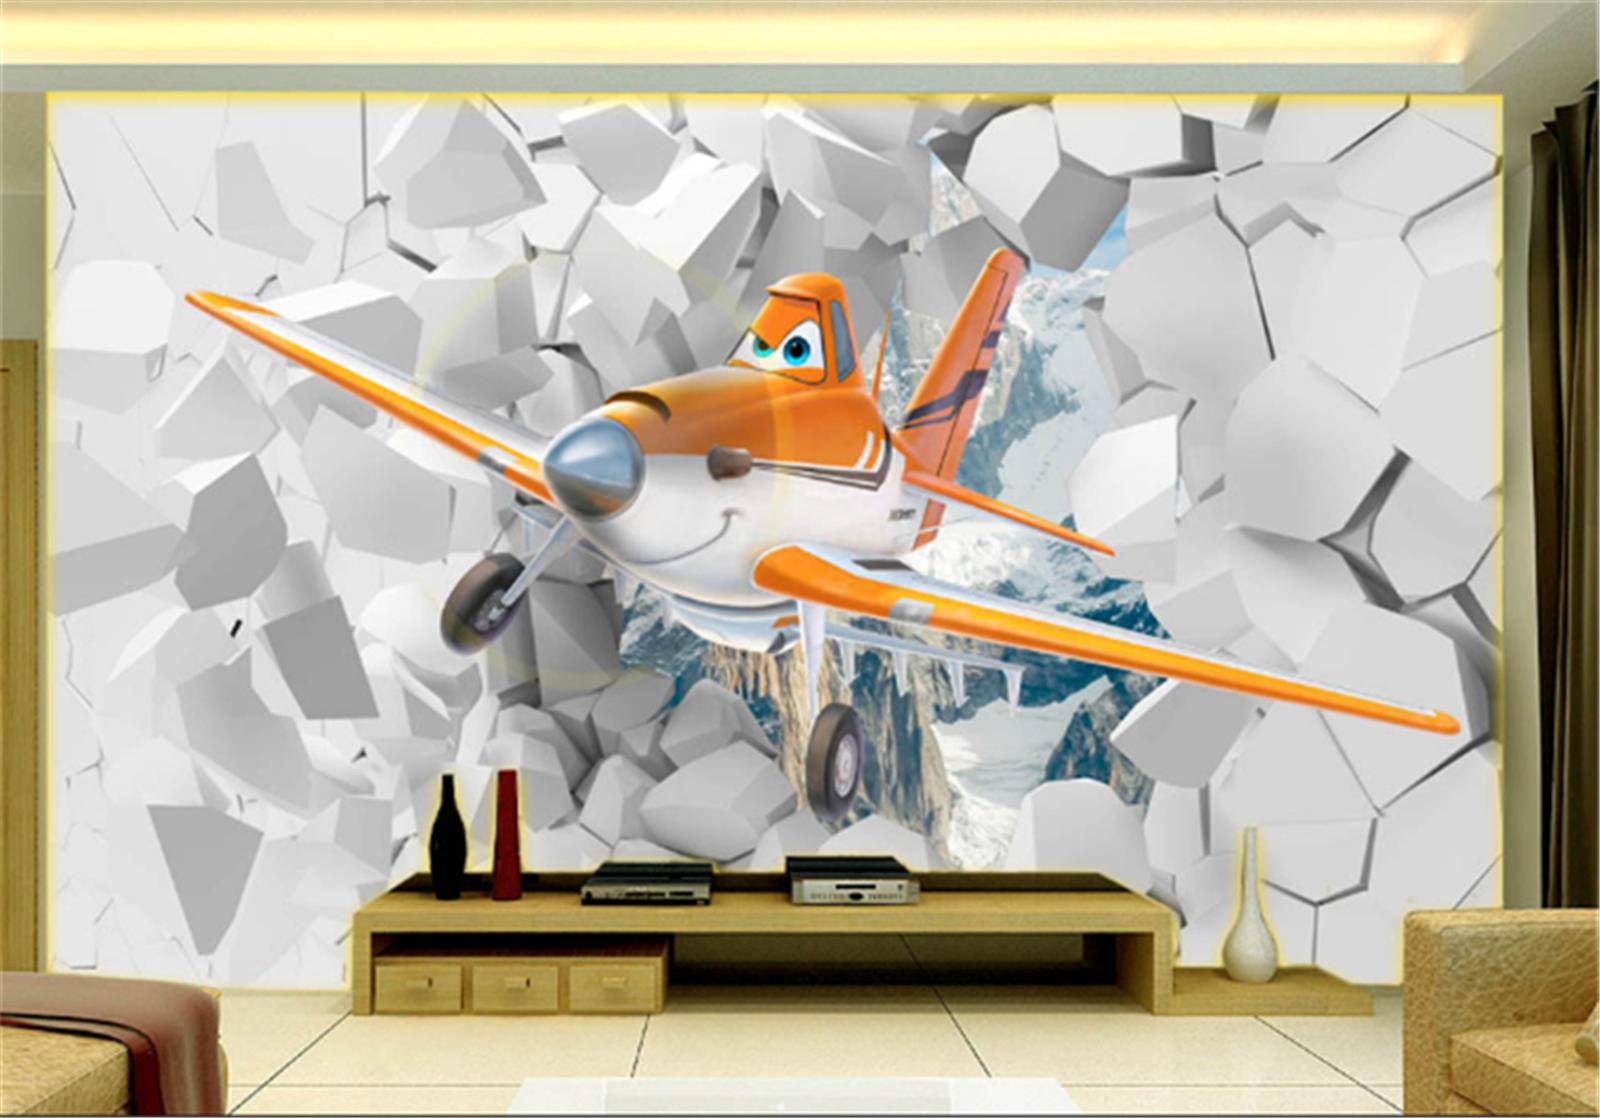 3D Karikatur Flugzeuge 688 688 688 Tapete Wandgemälde Tapeten Bild Familie DE Summer | Starker Wert  | Überlegene Qualität  | Guter weltweiter Ruf  ae1c6b